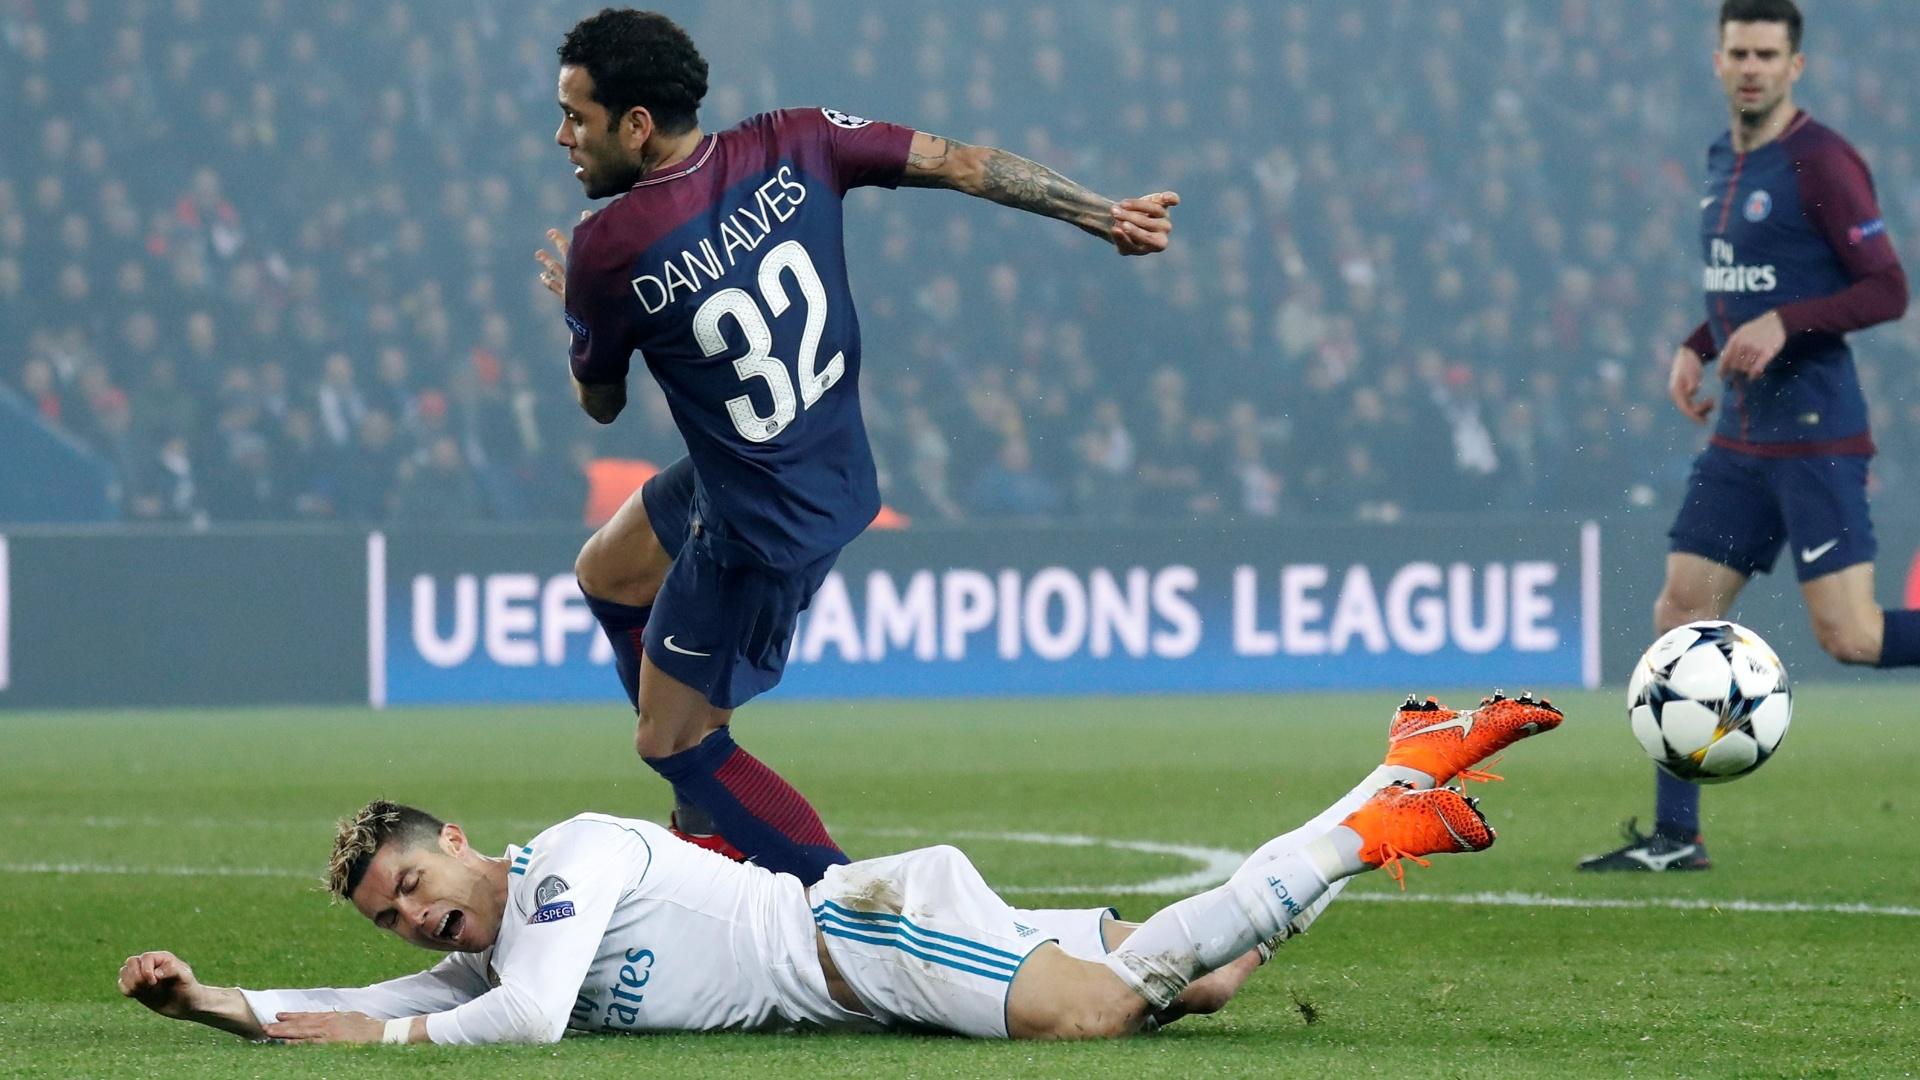 Daniel Alves disputa jogada na área com Cristiano Ronaldo